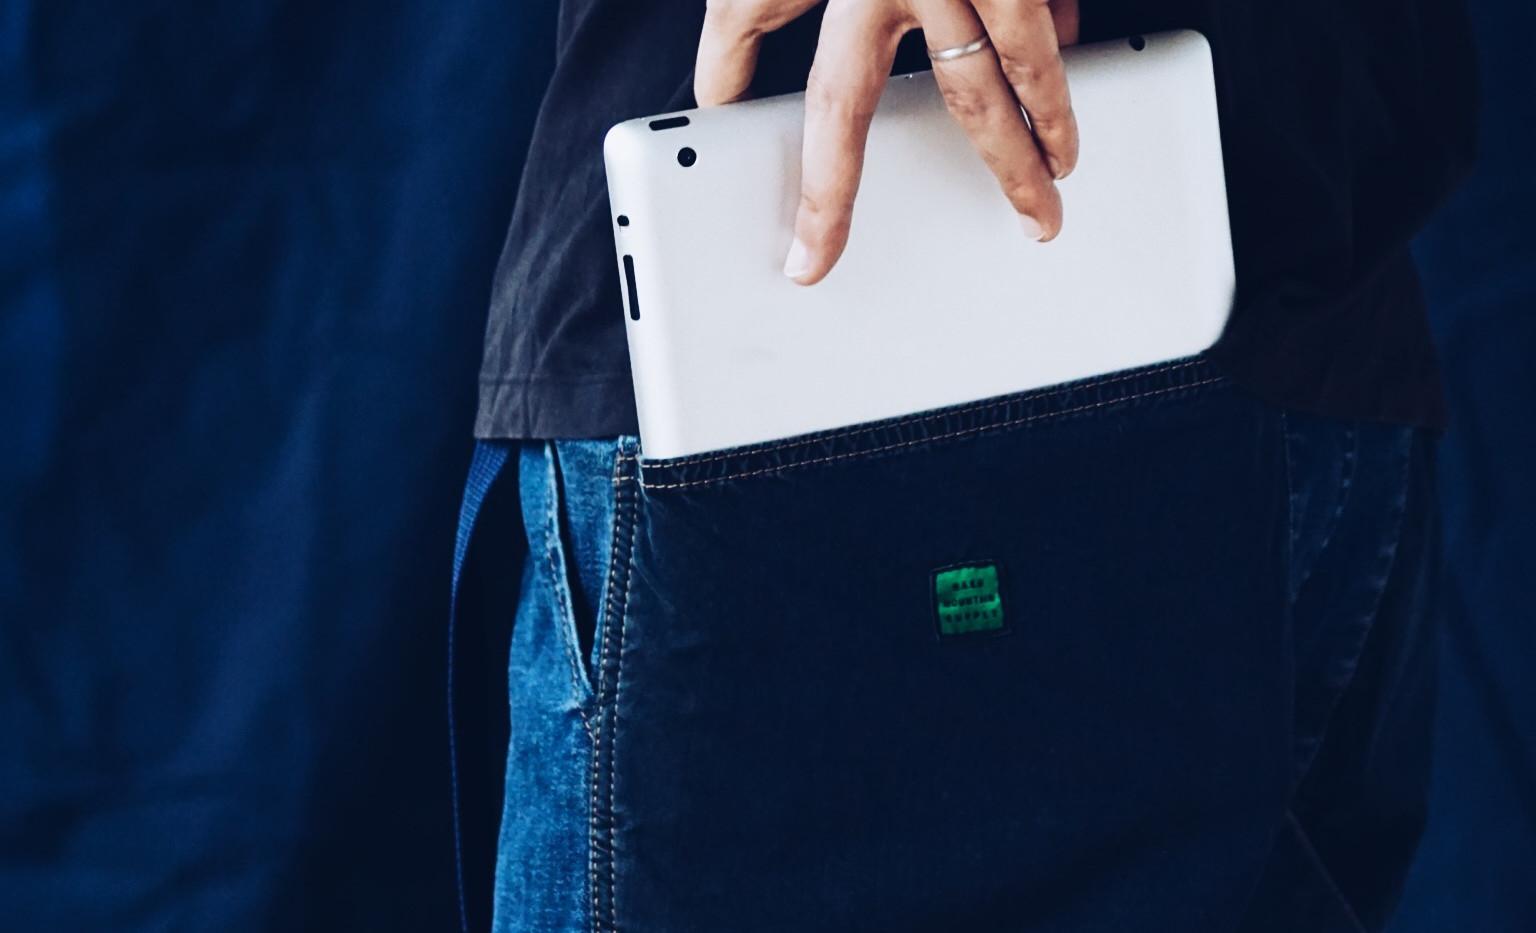 外側のビッグポケットにはIPADなどのデバイスもラクラク入るので、現場でも使用可能。